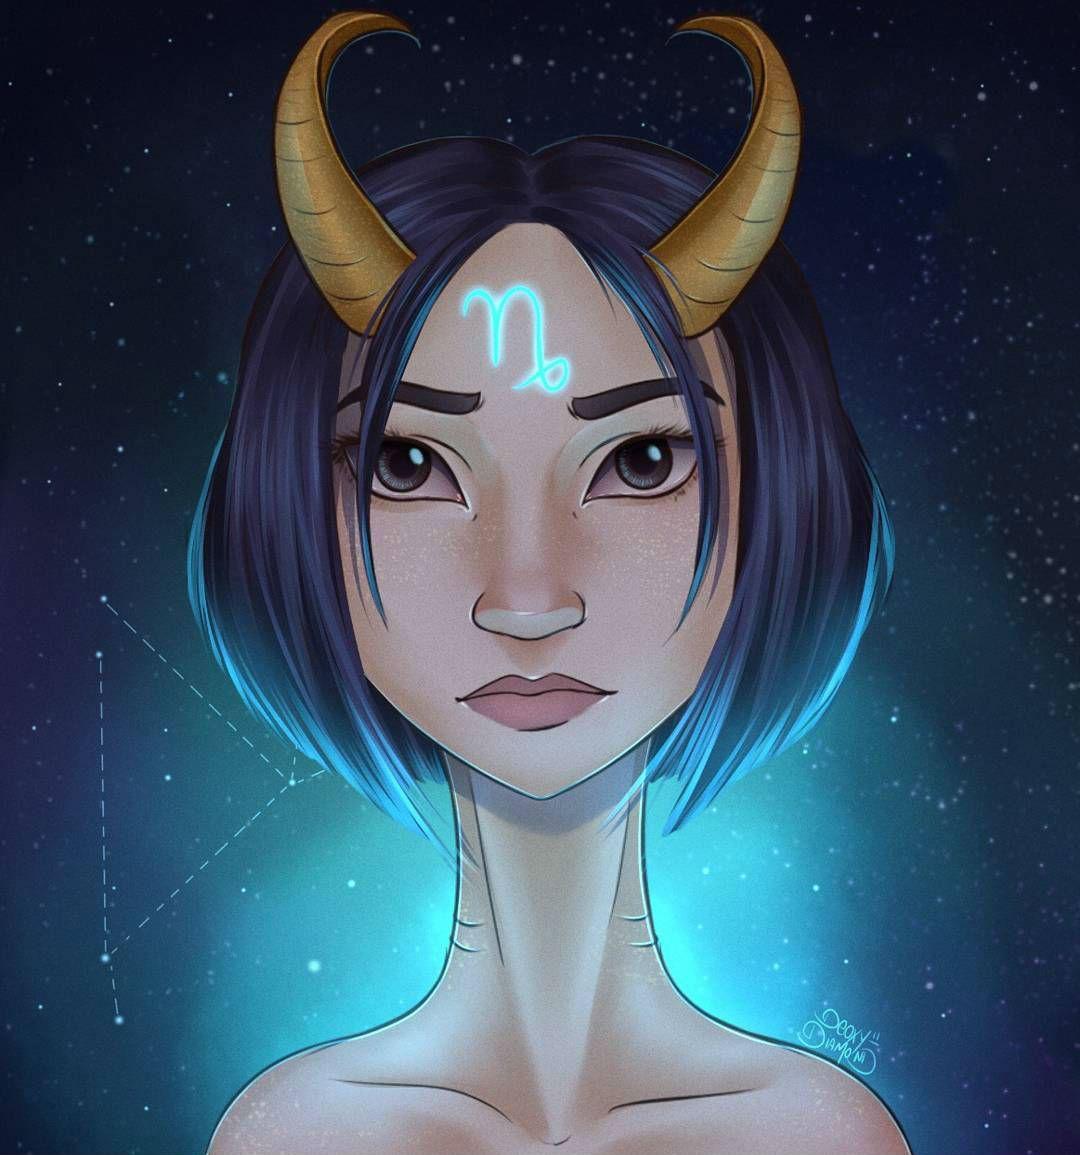 Capricornio | Las 12 Mejores Novias/Esposas Según El Zodiaco (De La Peor A La Mejor) | Her Beauty